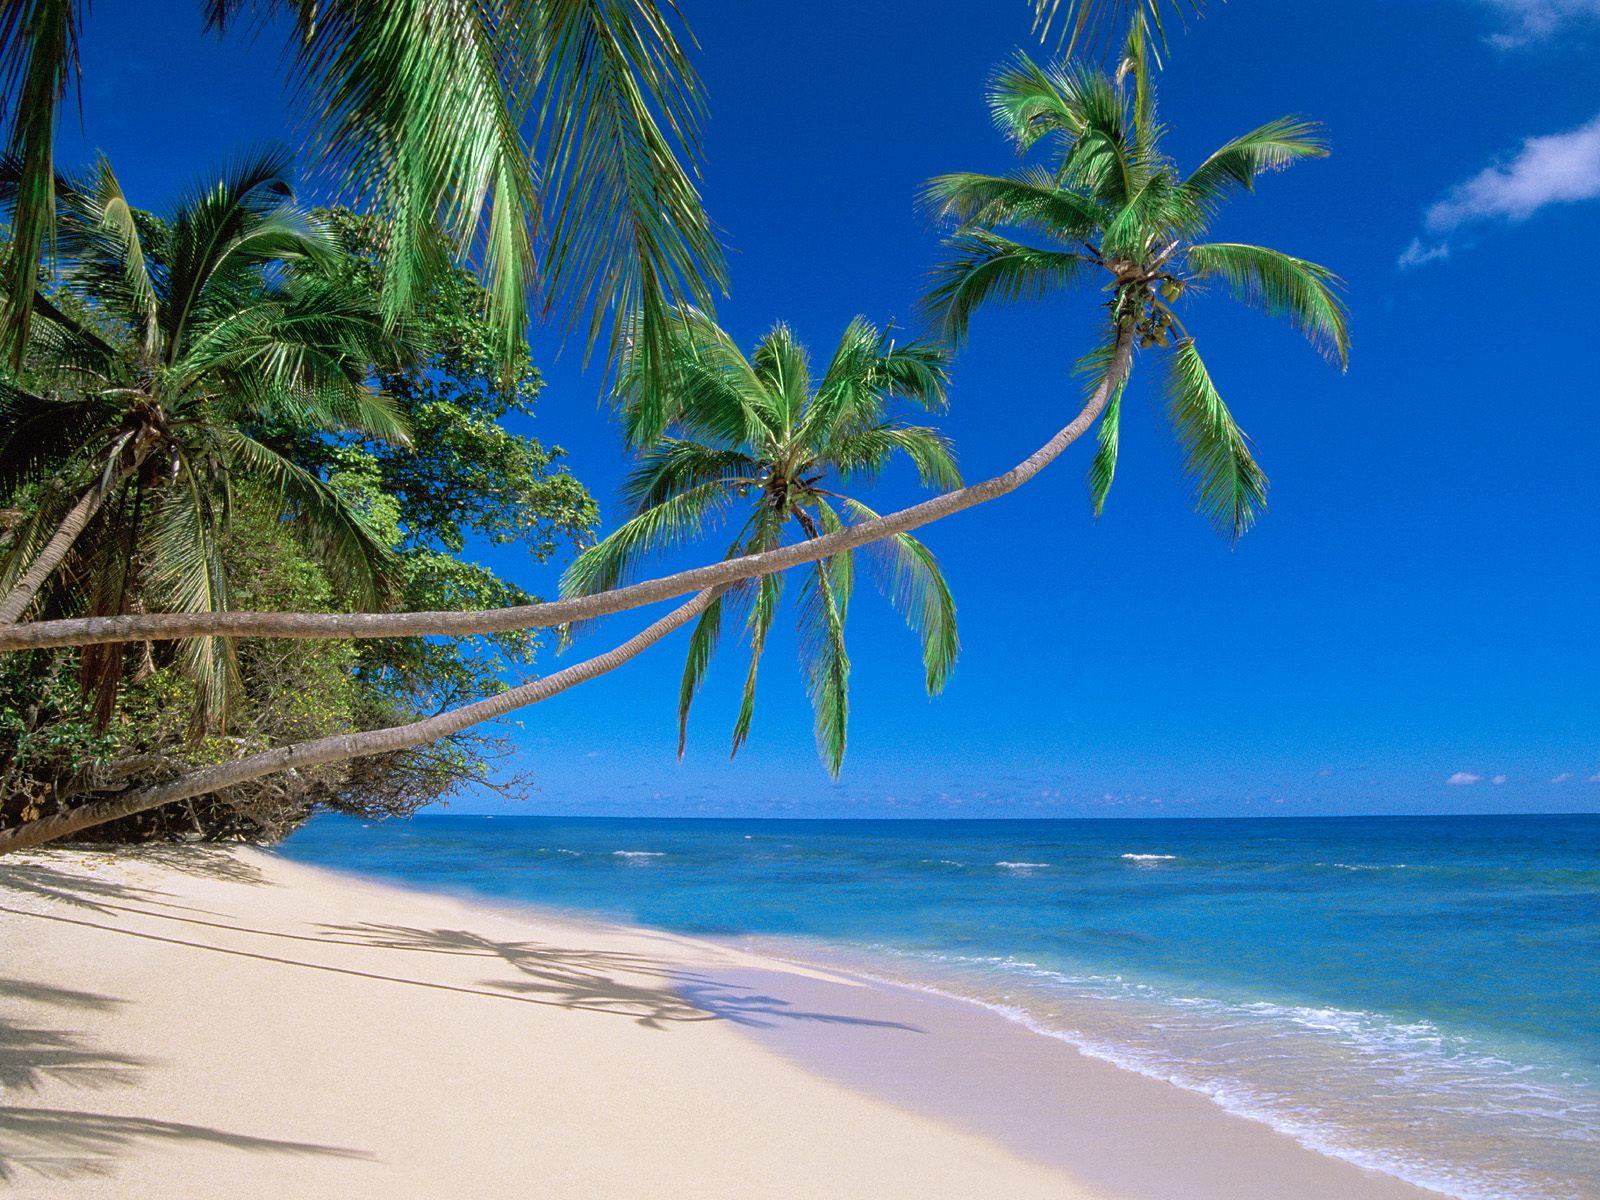 Pic new posts wallpaper fiji islands - Fiji hd wallpaper ...